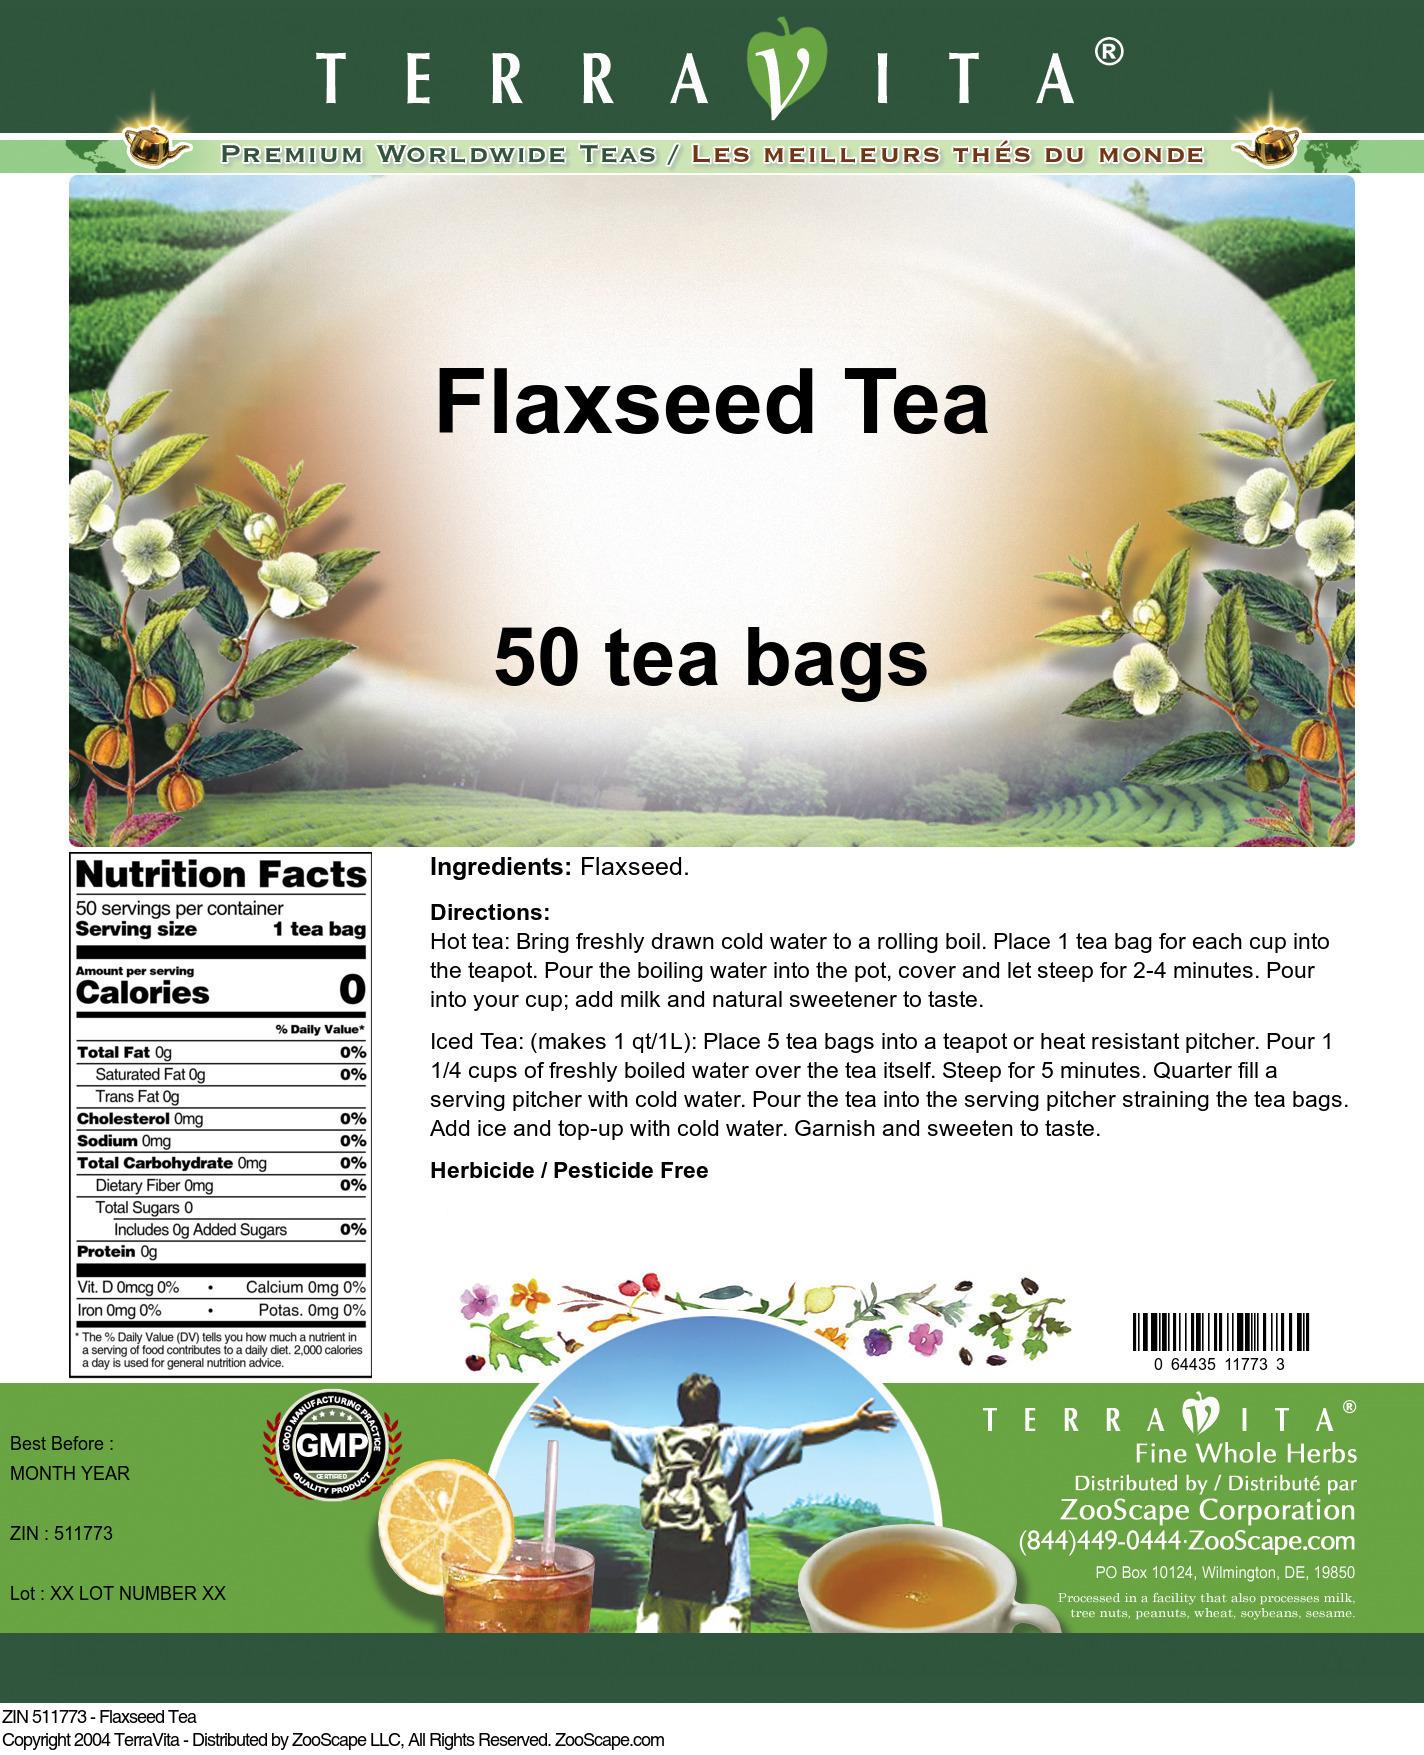 Flaxseed Tea